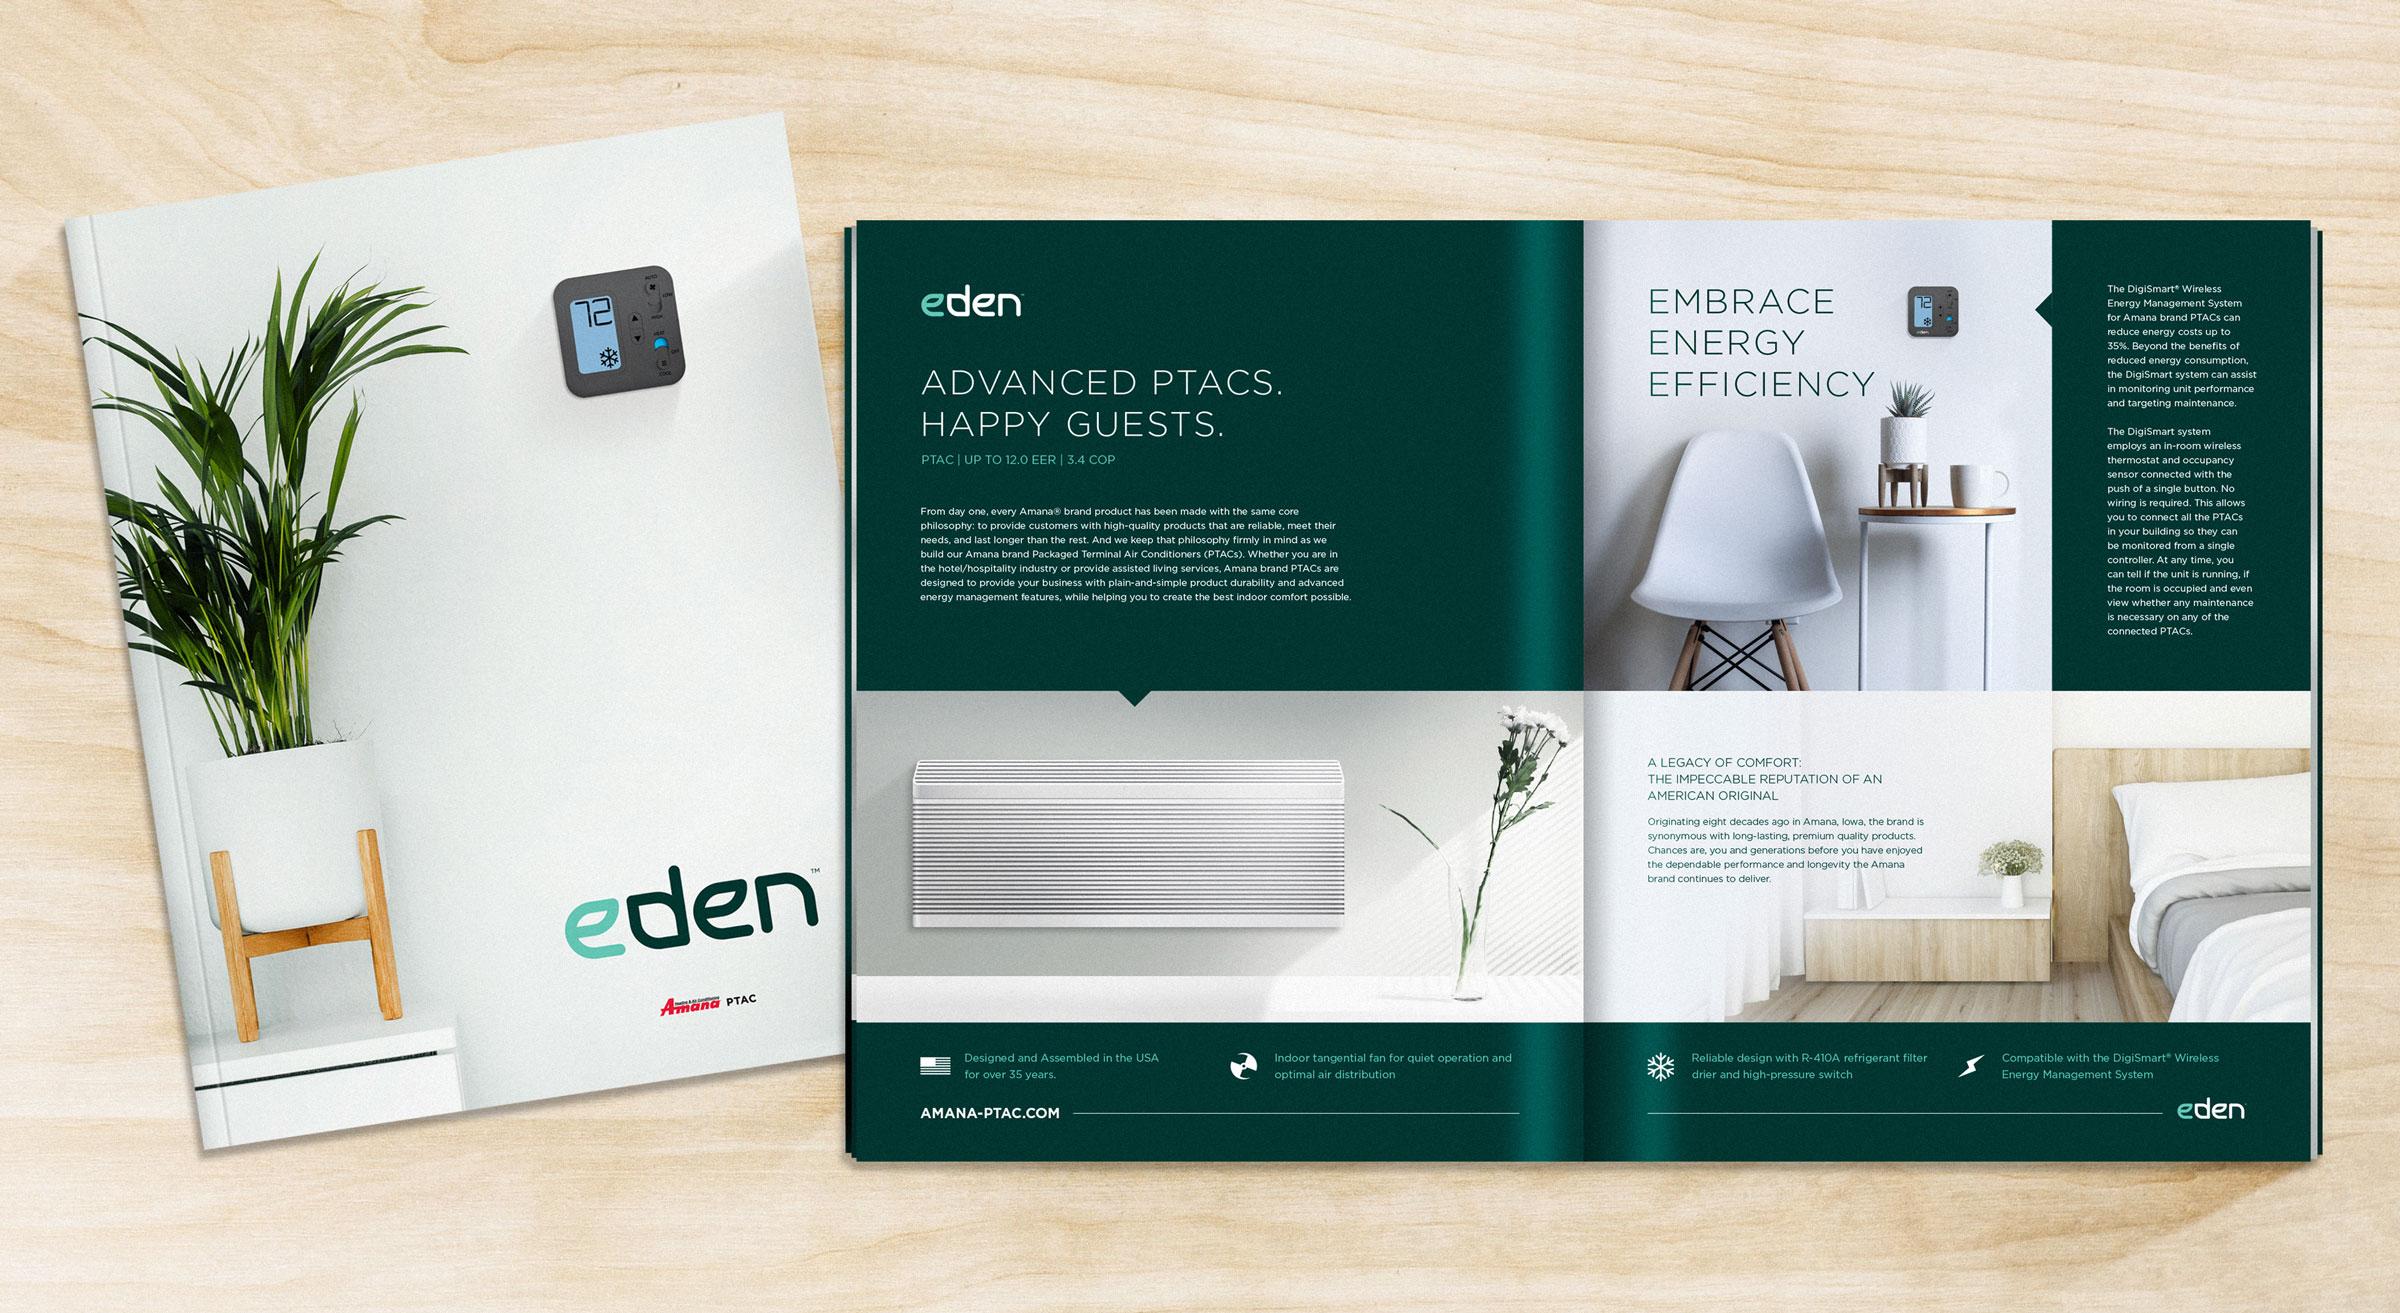 eden-brochure.jpg